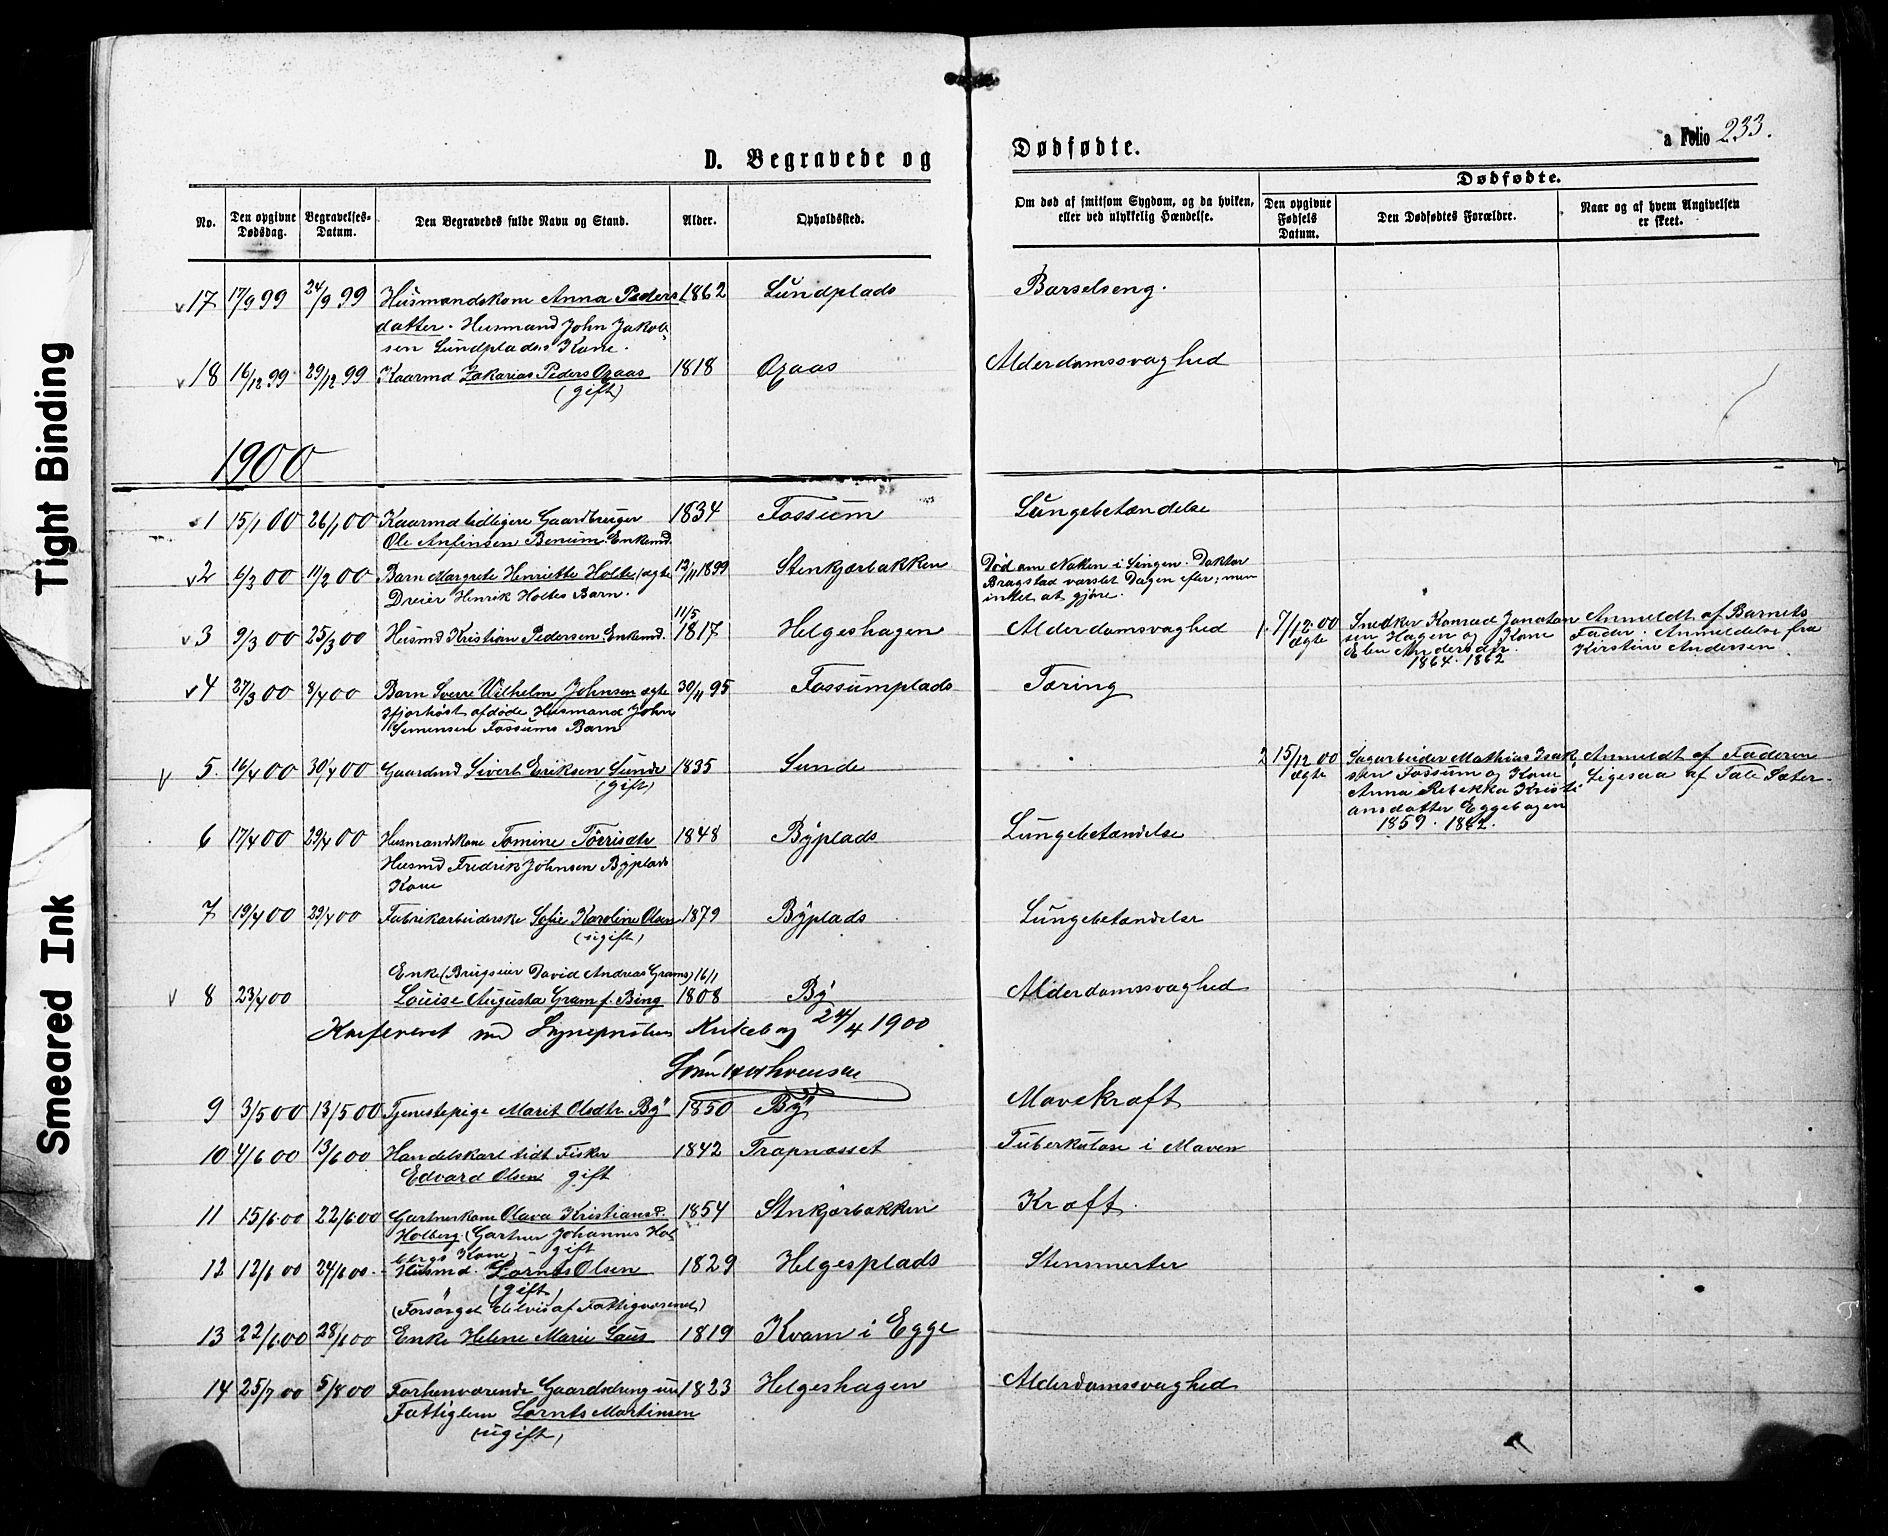 SAT, Ministerialprotokoller, klokkerbøker og fødselsregistre - Nord-Trøndelag, 740/L0380: Klokkerbok nr. 740C01, 1868-1902, s. 233